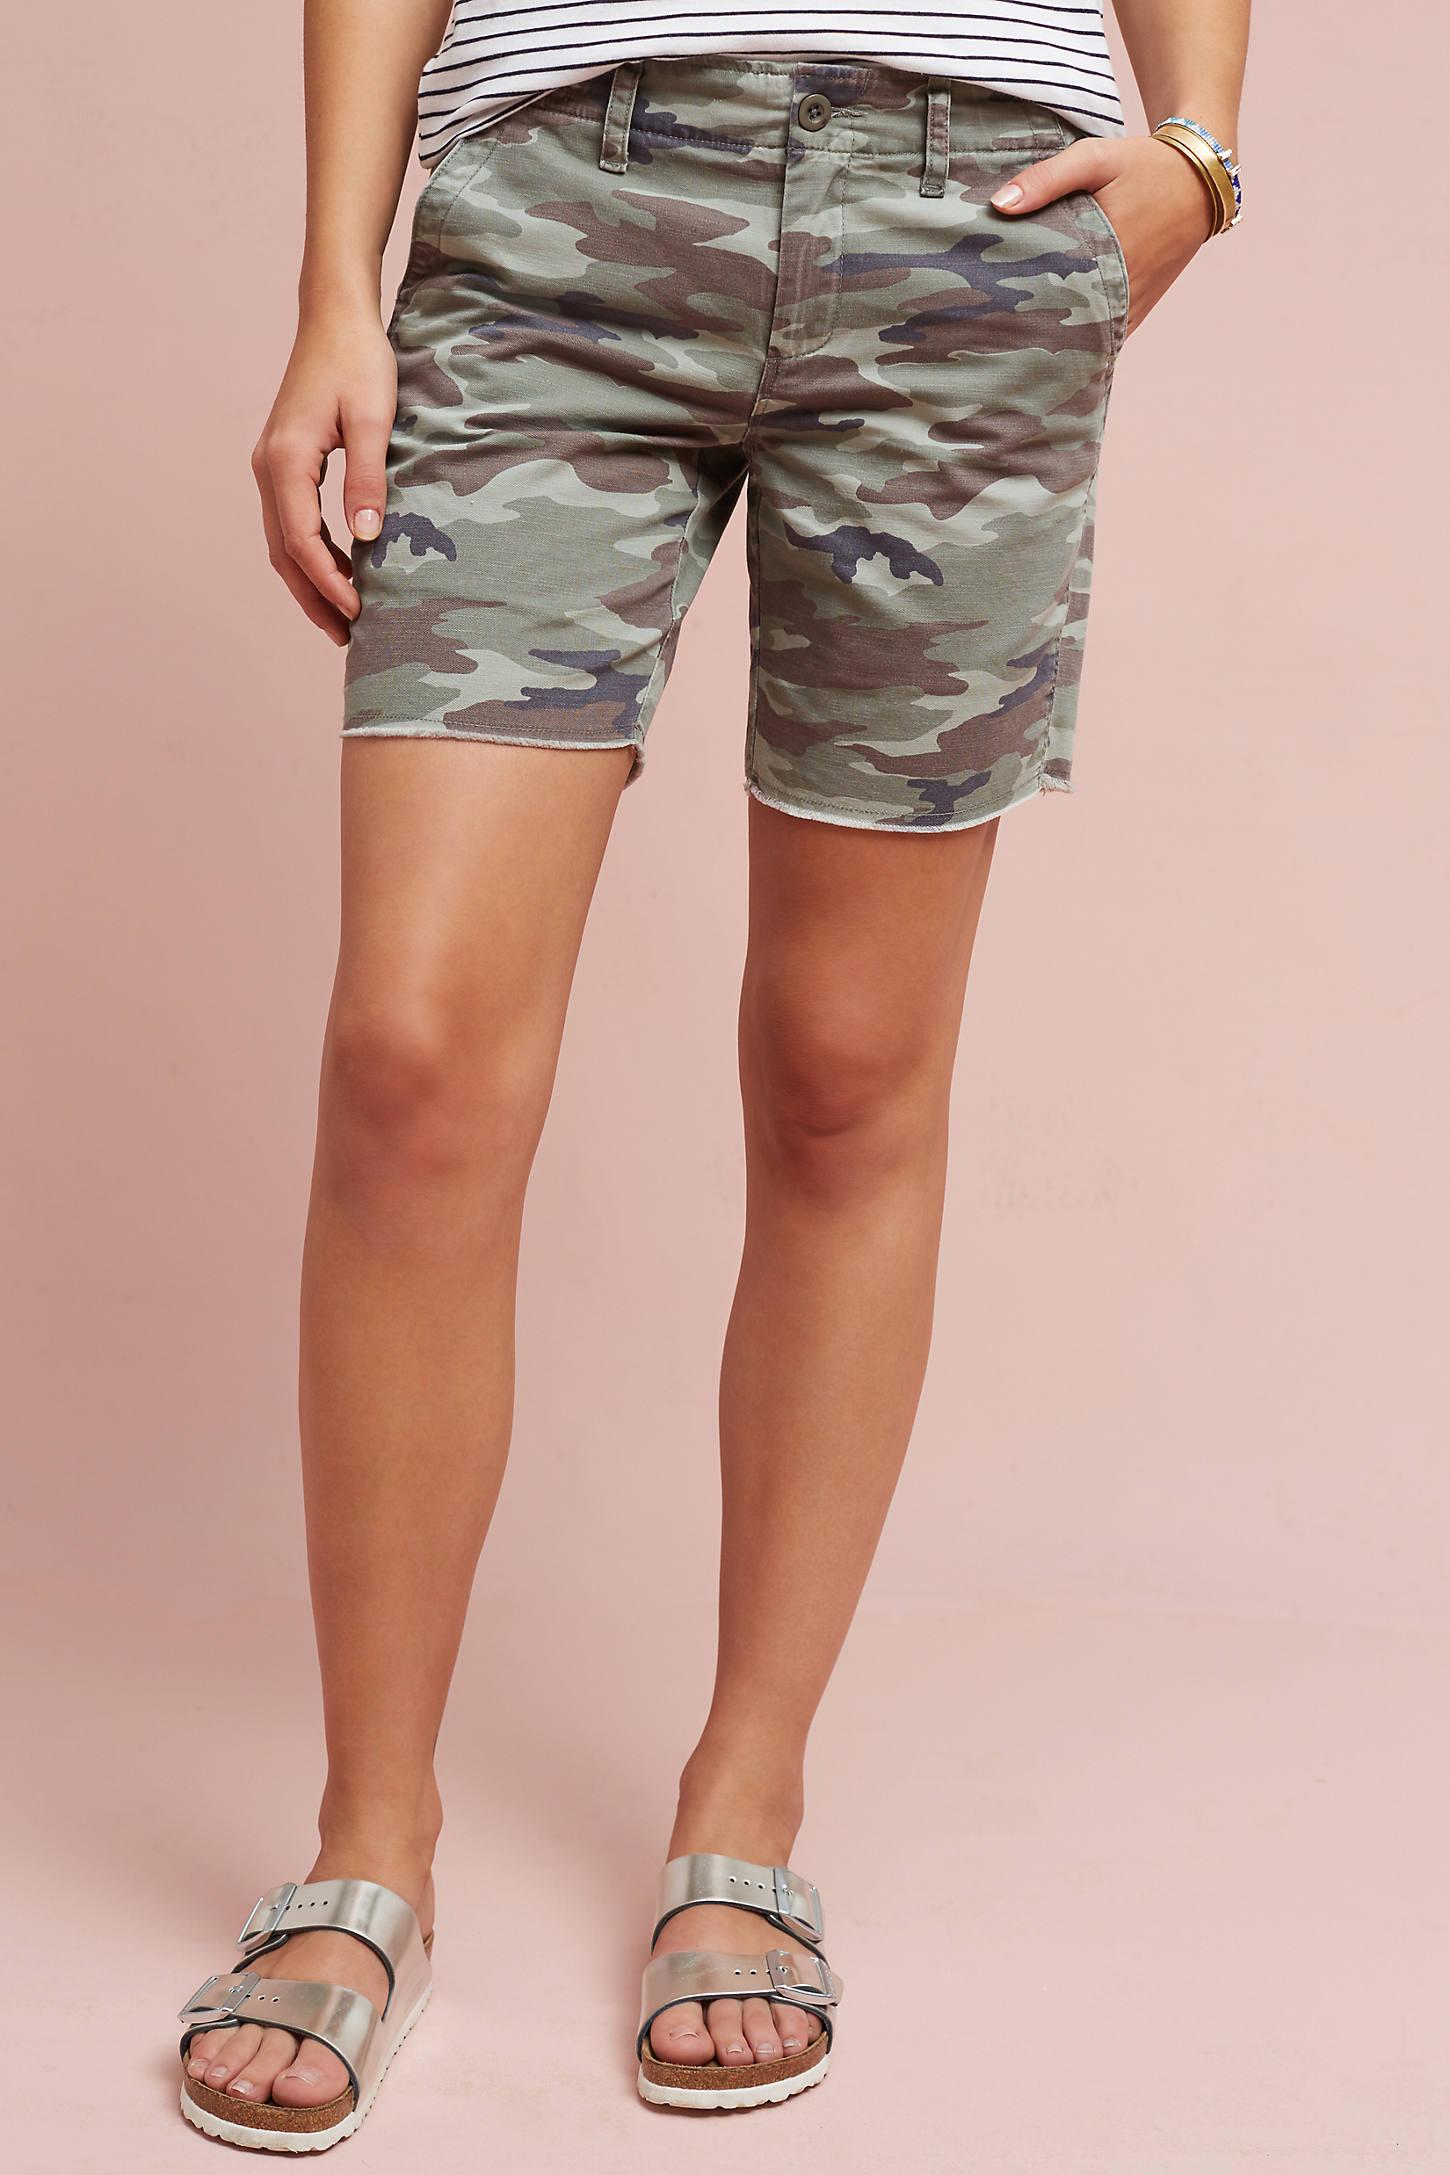 Belva Camo Shorts